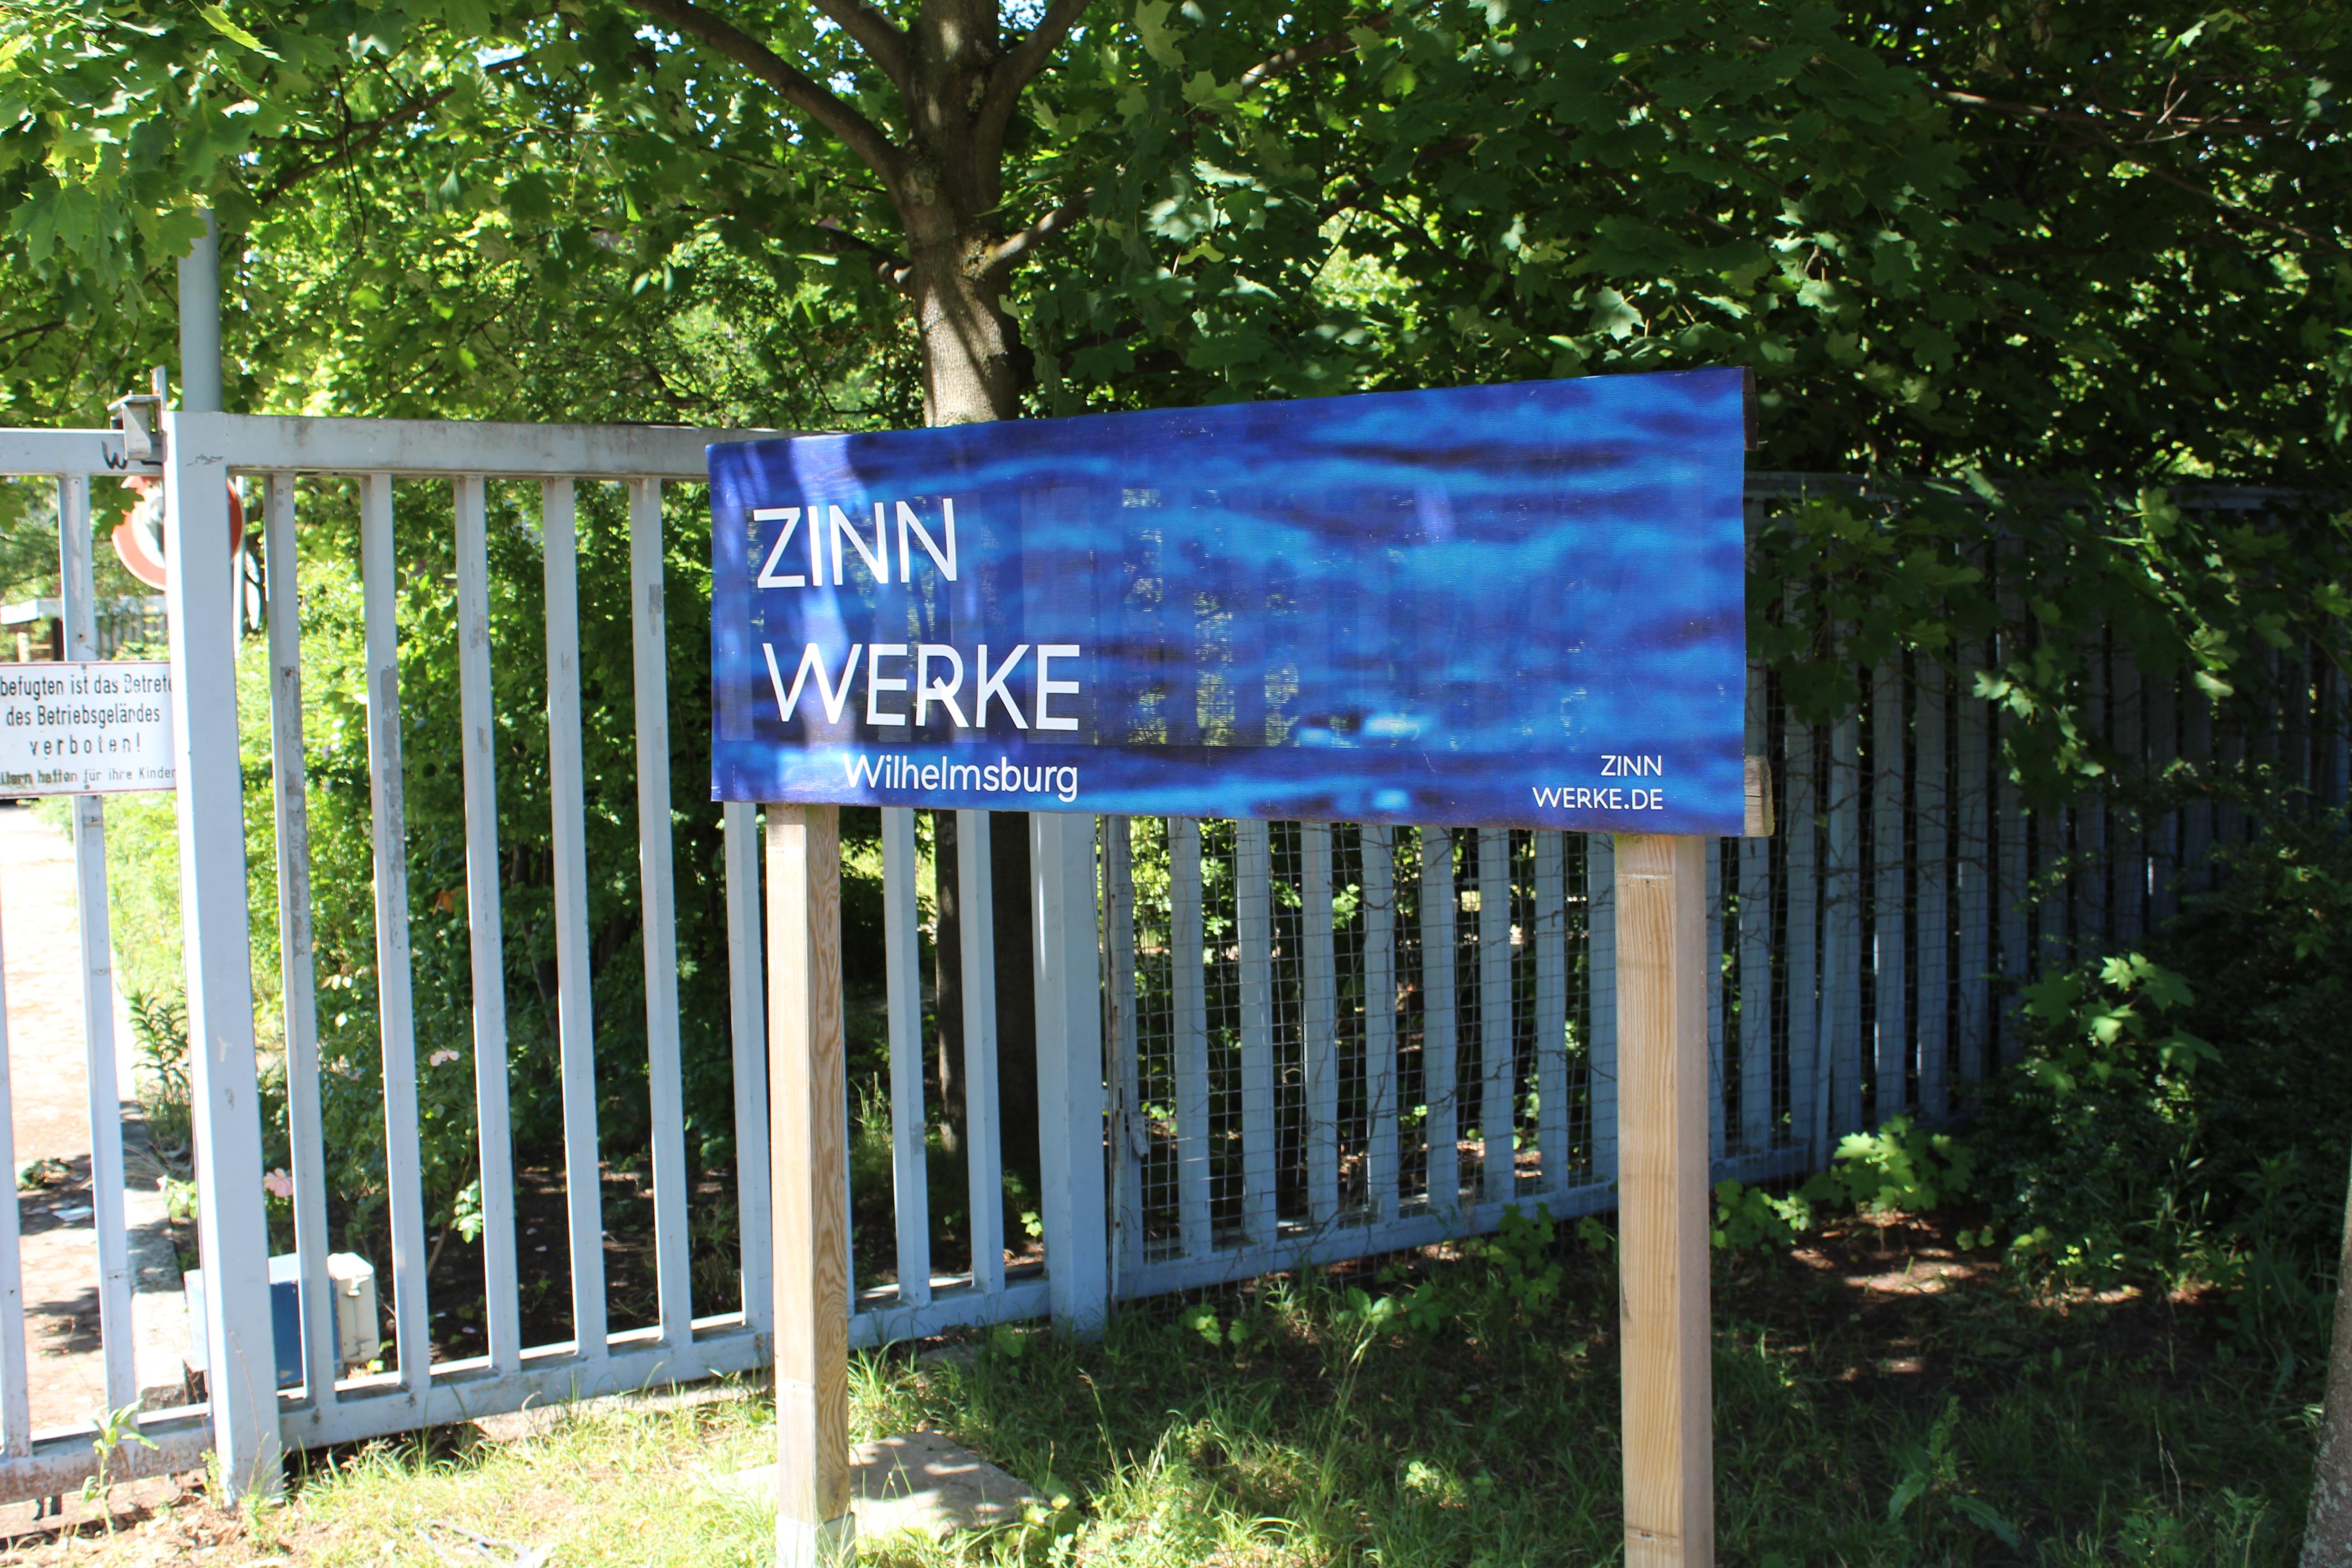 Über mehrere Jahre hat sich auf Teilflächen des Geländes der ehemaligen Zinnwerke in Wilhelmsburg eine lebendige Kultur- und Kreativszene angesiedelt. Nun scheint es eine Perspektive für sie zu geben. Foto: au